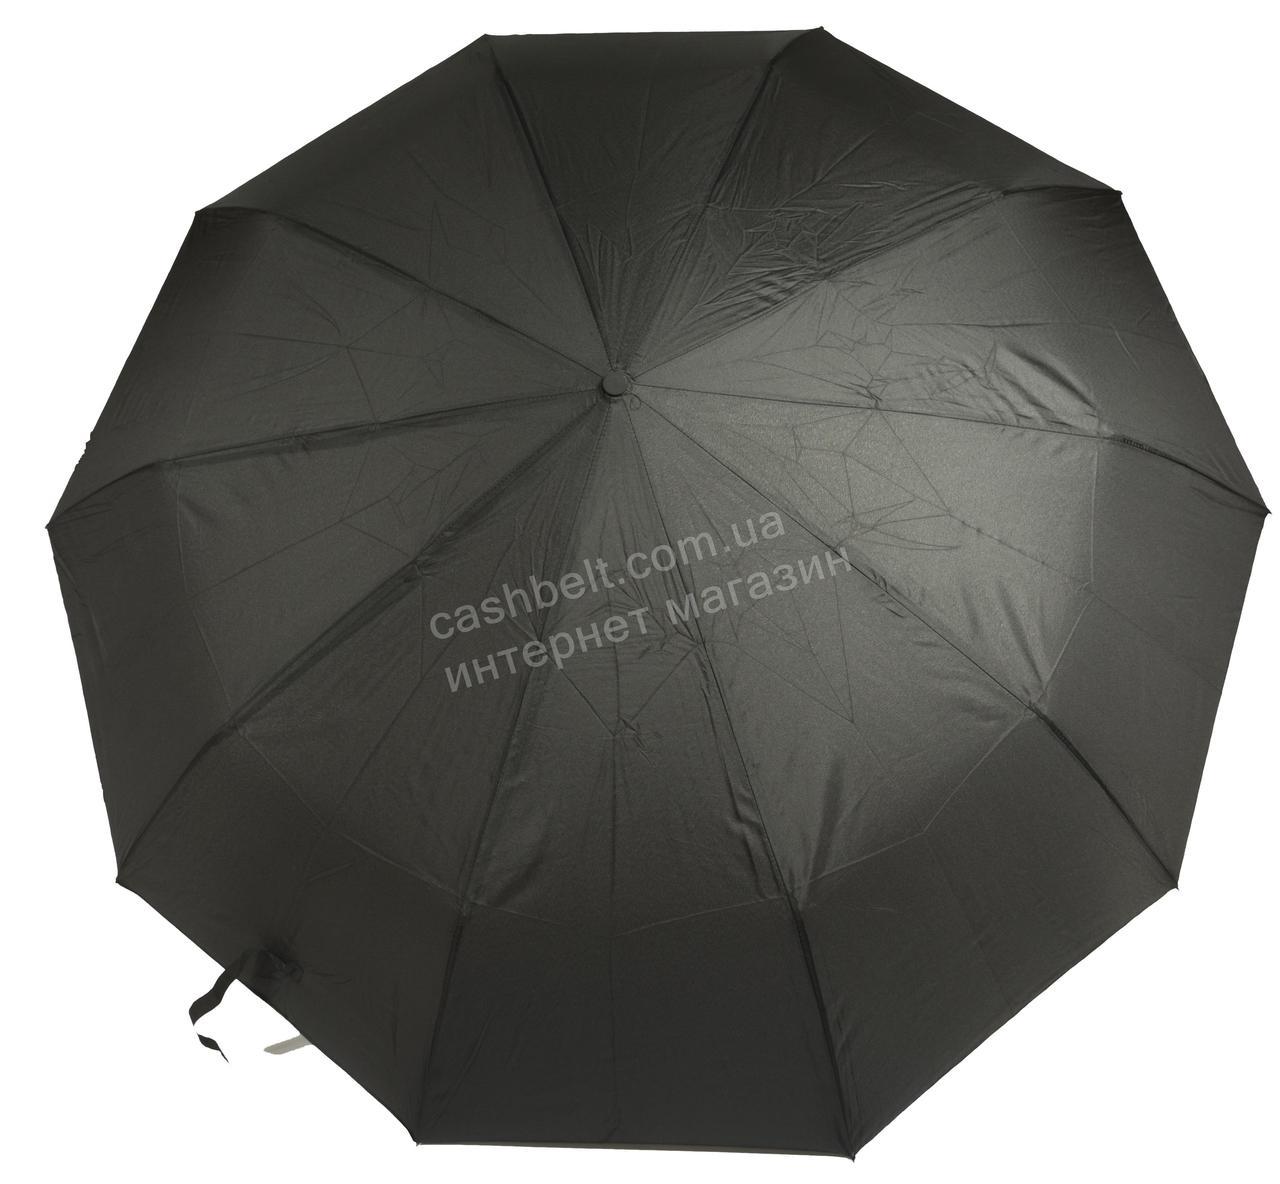 Мужской прочный стильный зонт автомат классический черный цвет MAX komfort art. 914 большой купол (101514)